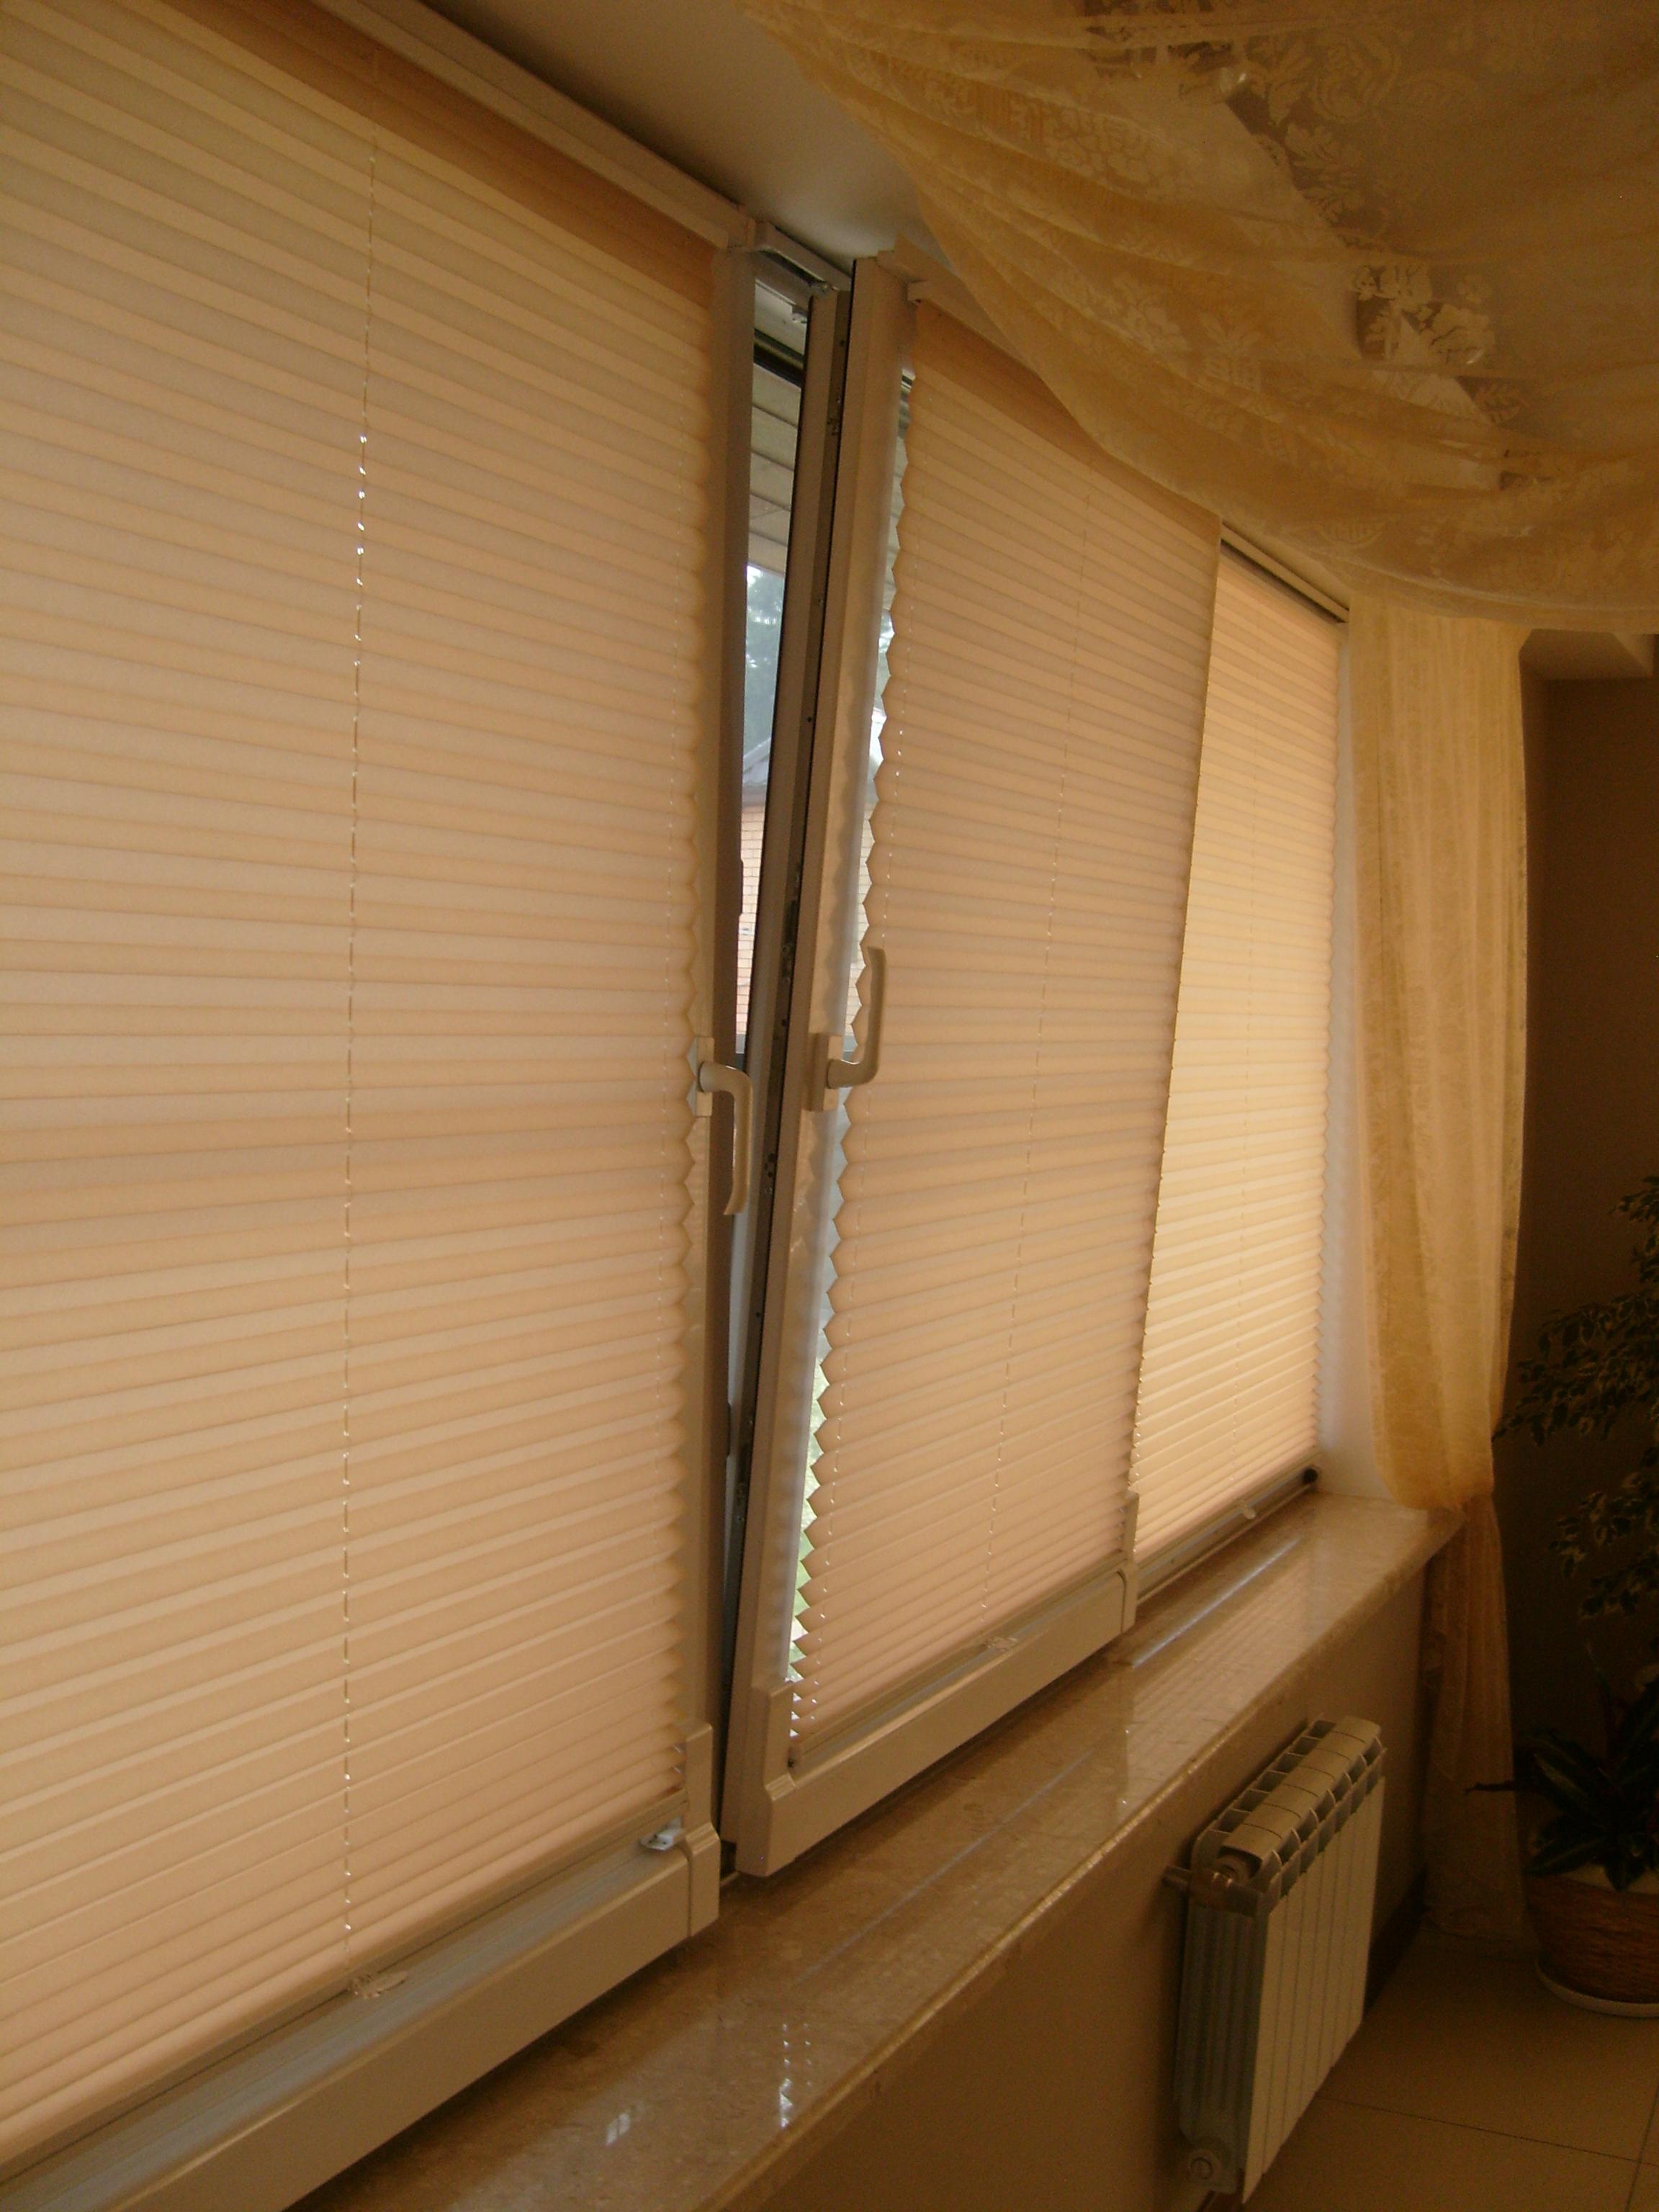 Раздвижные двери для лоджии, балкона высшего качества - гимо.